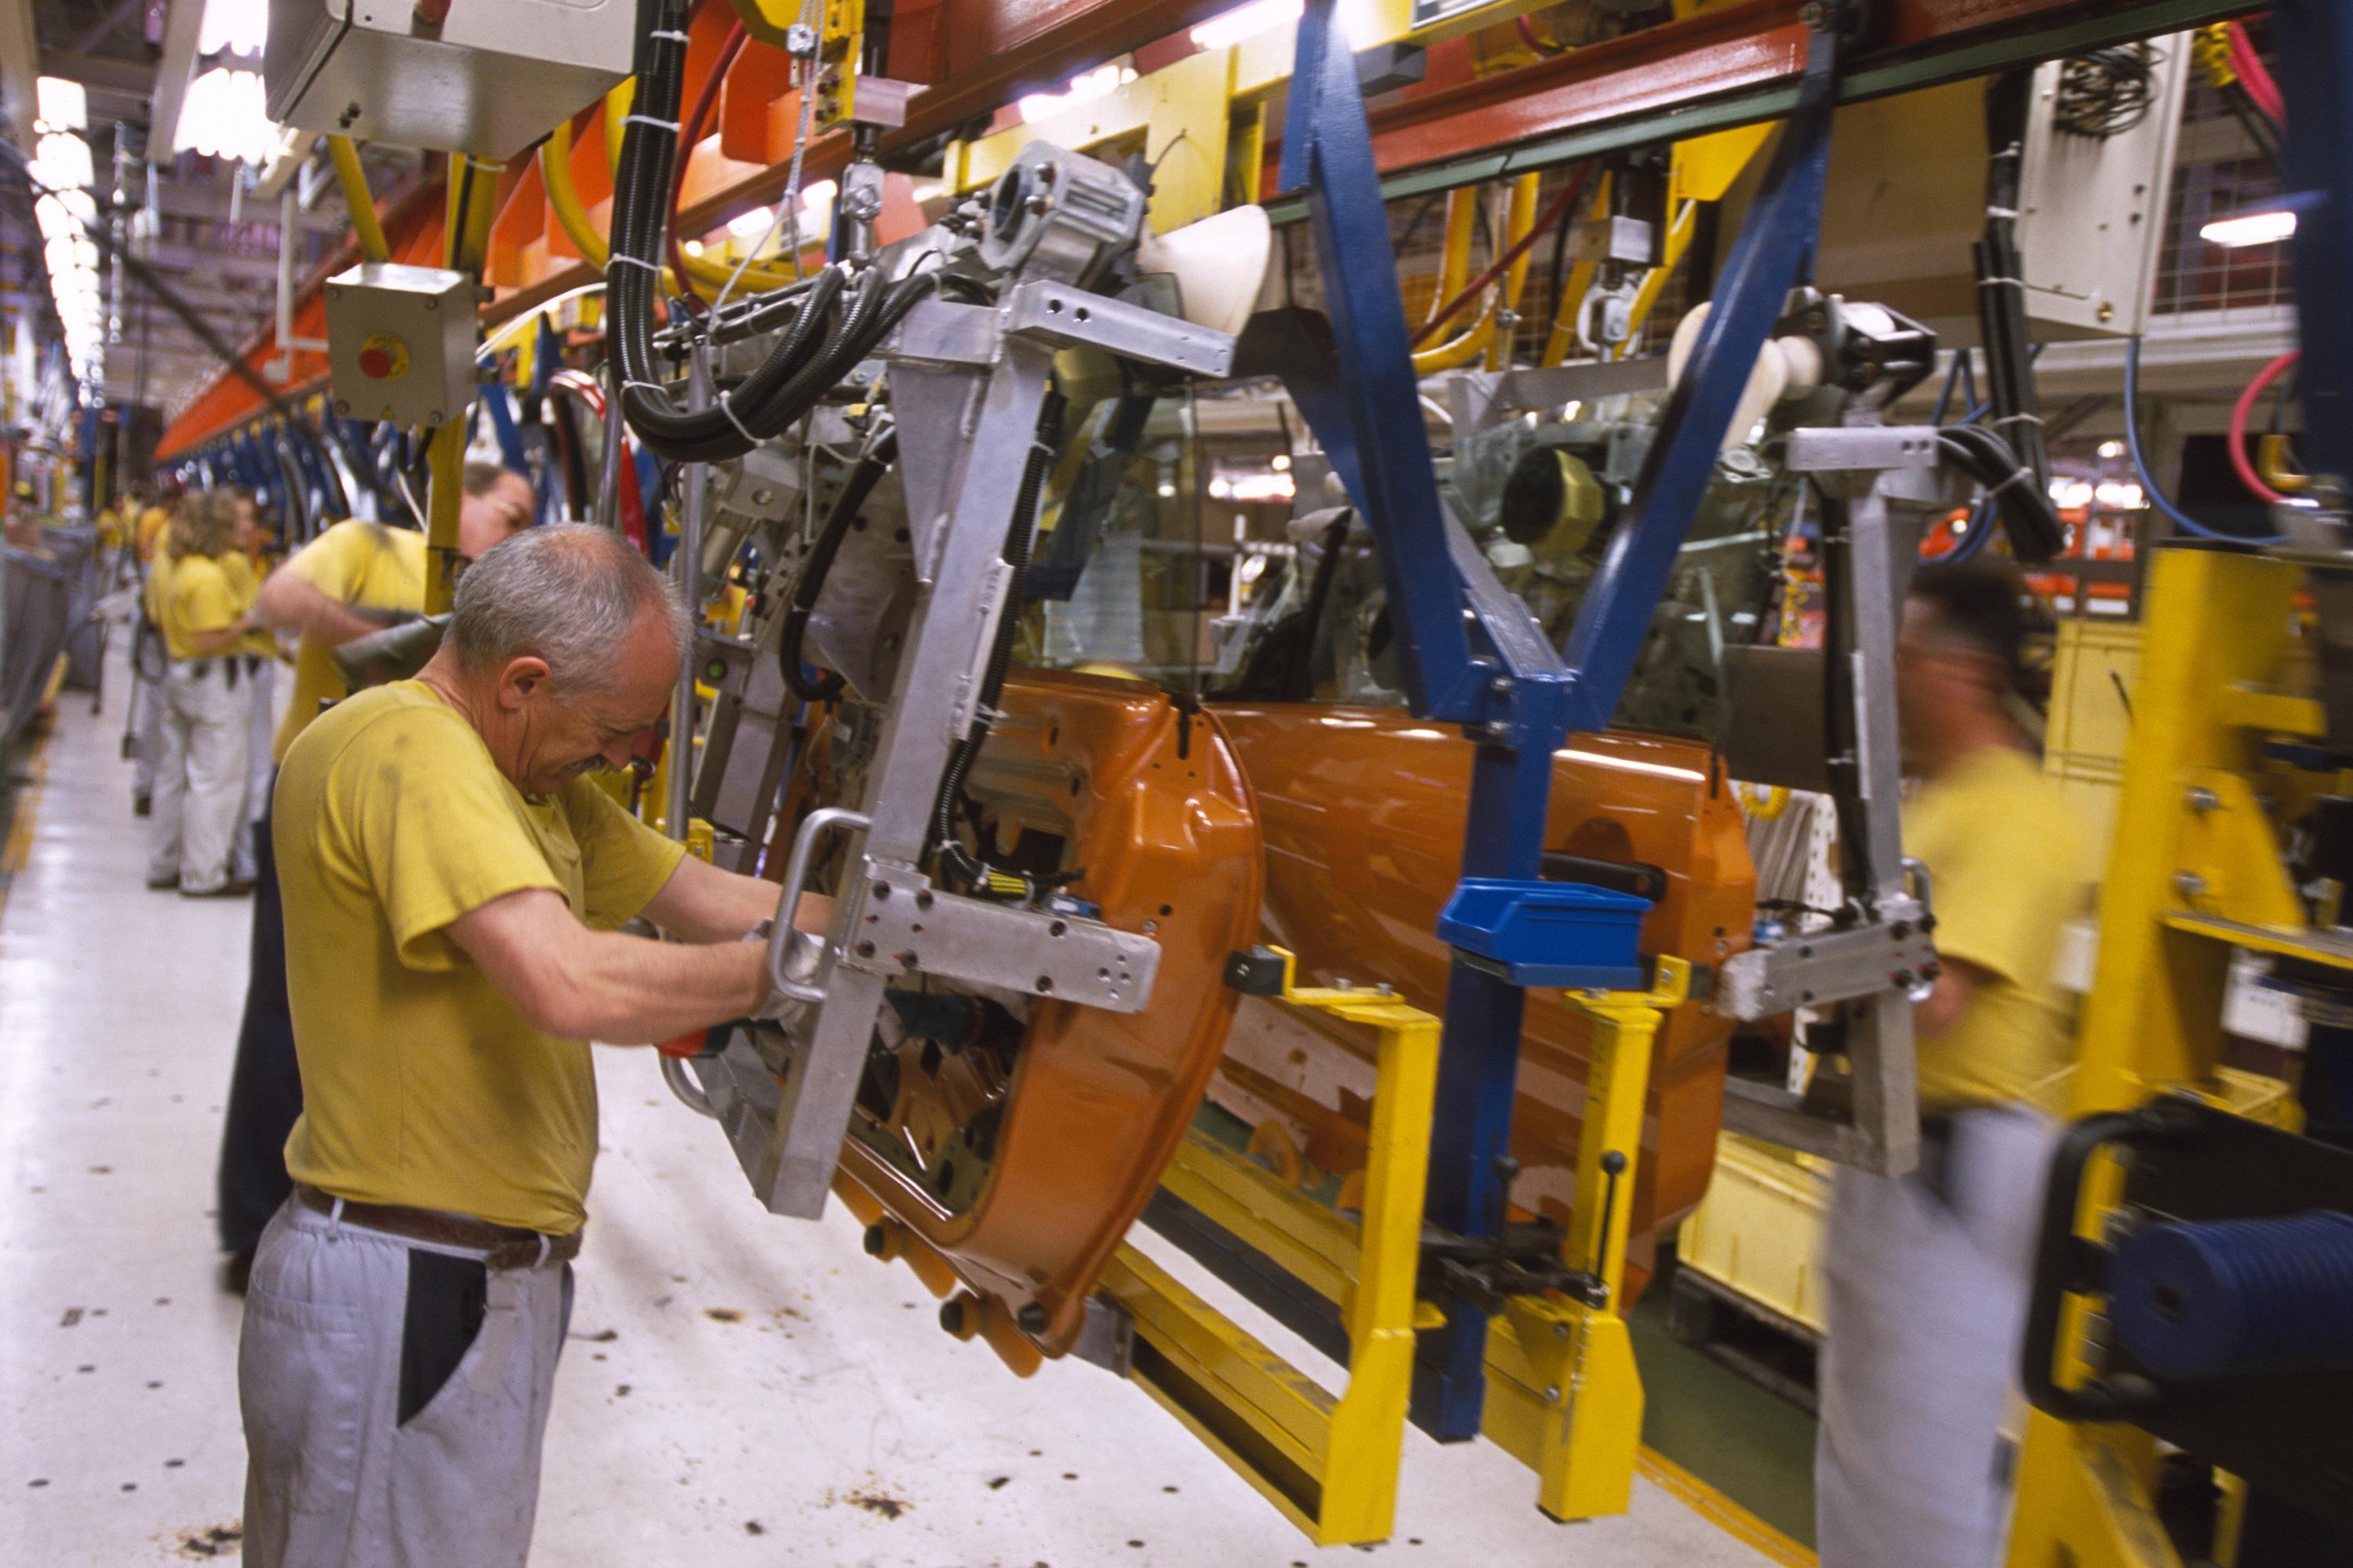 El sector automovilístico tacha de «excesiva» la restricción y augura un fuerte impacto en la industria